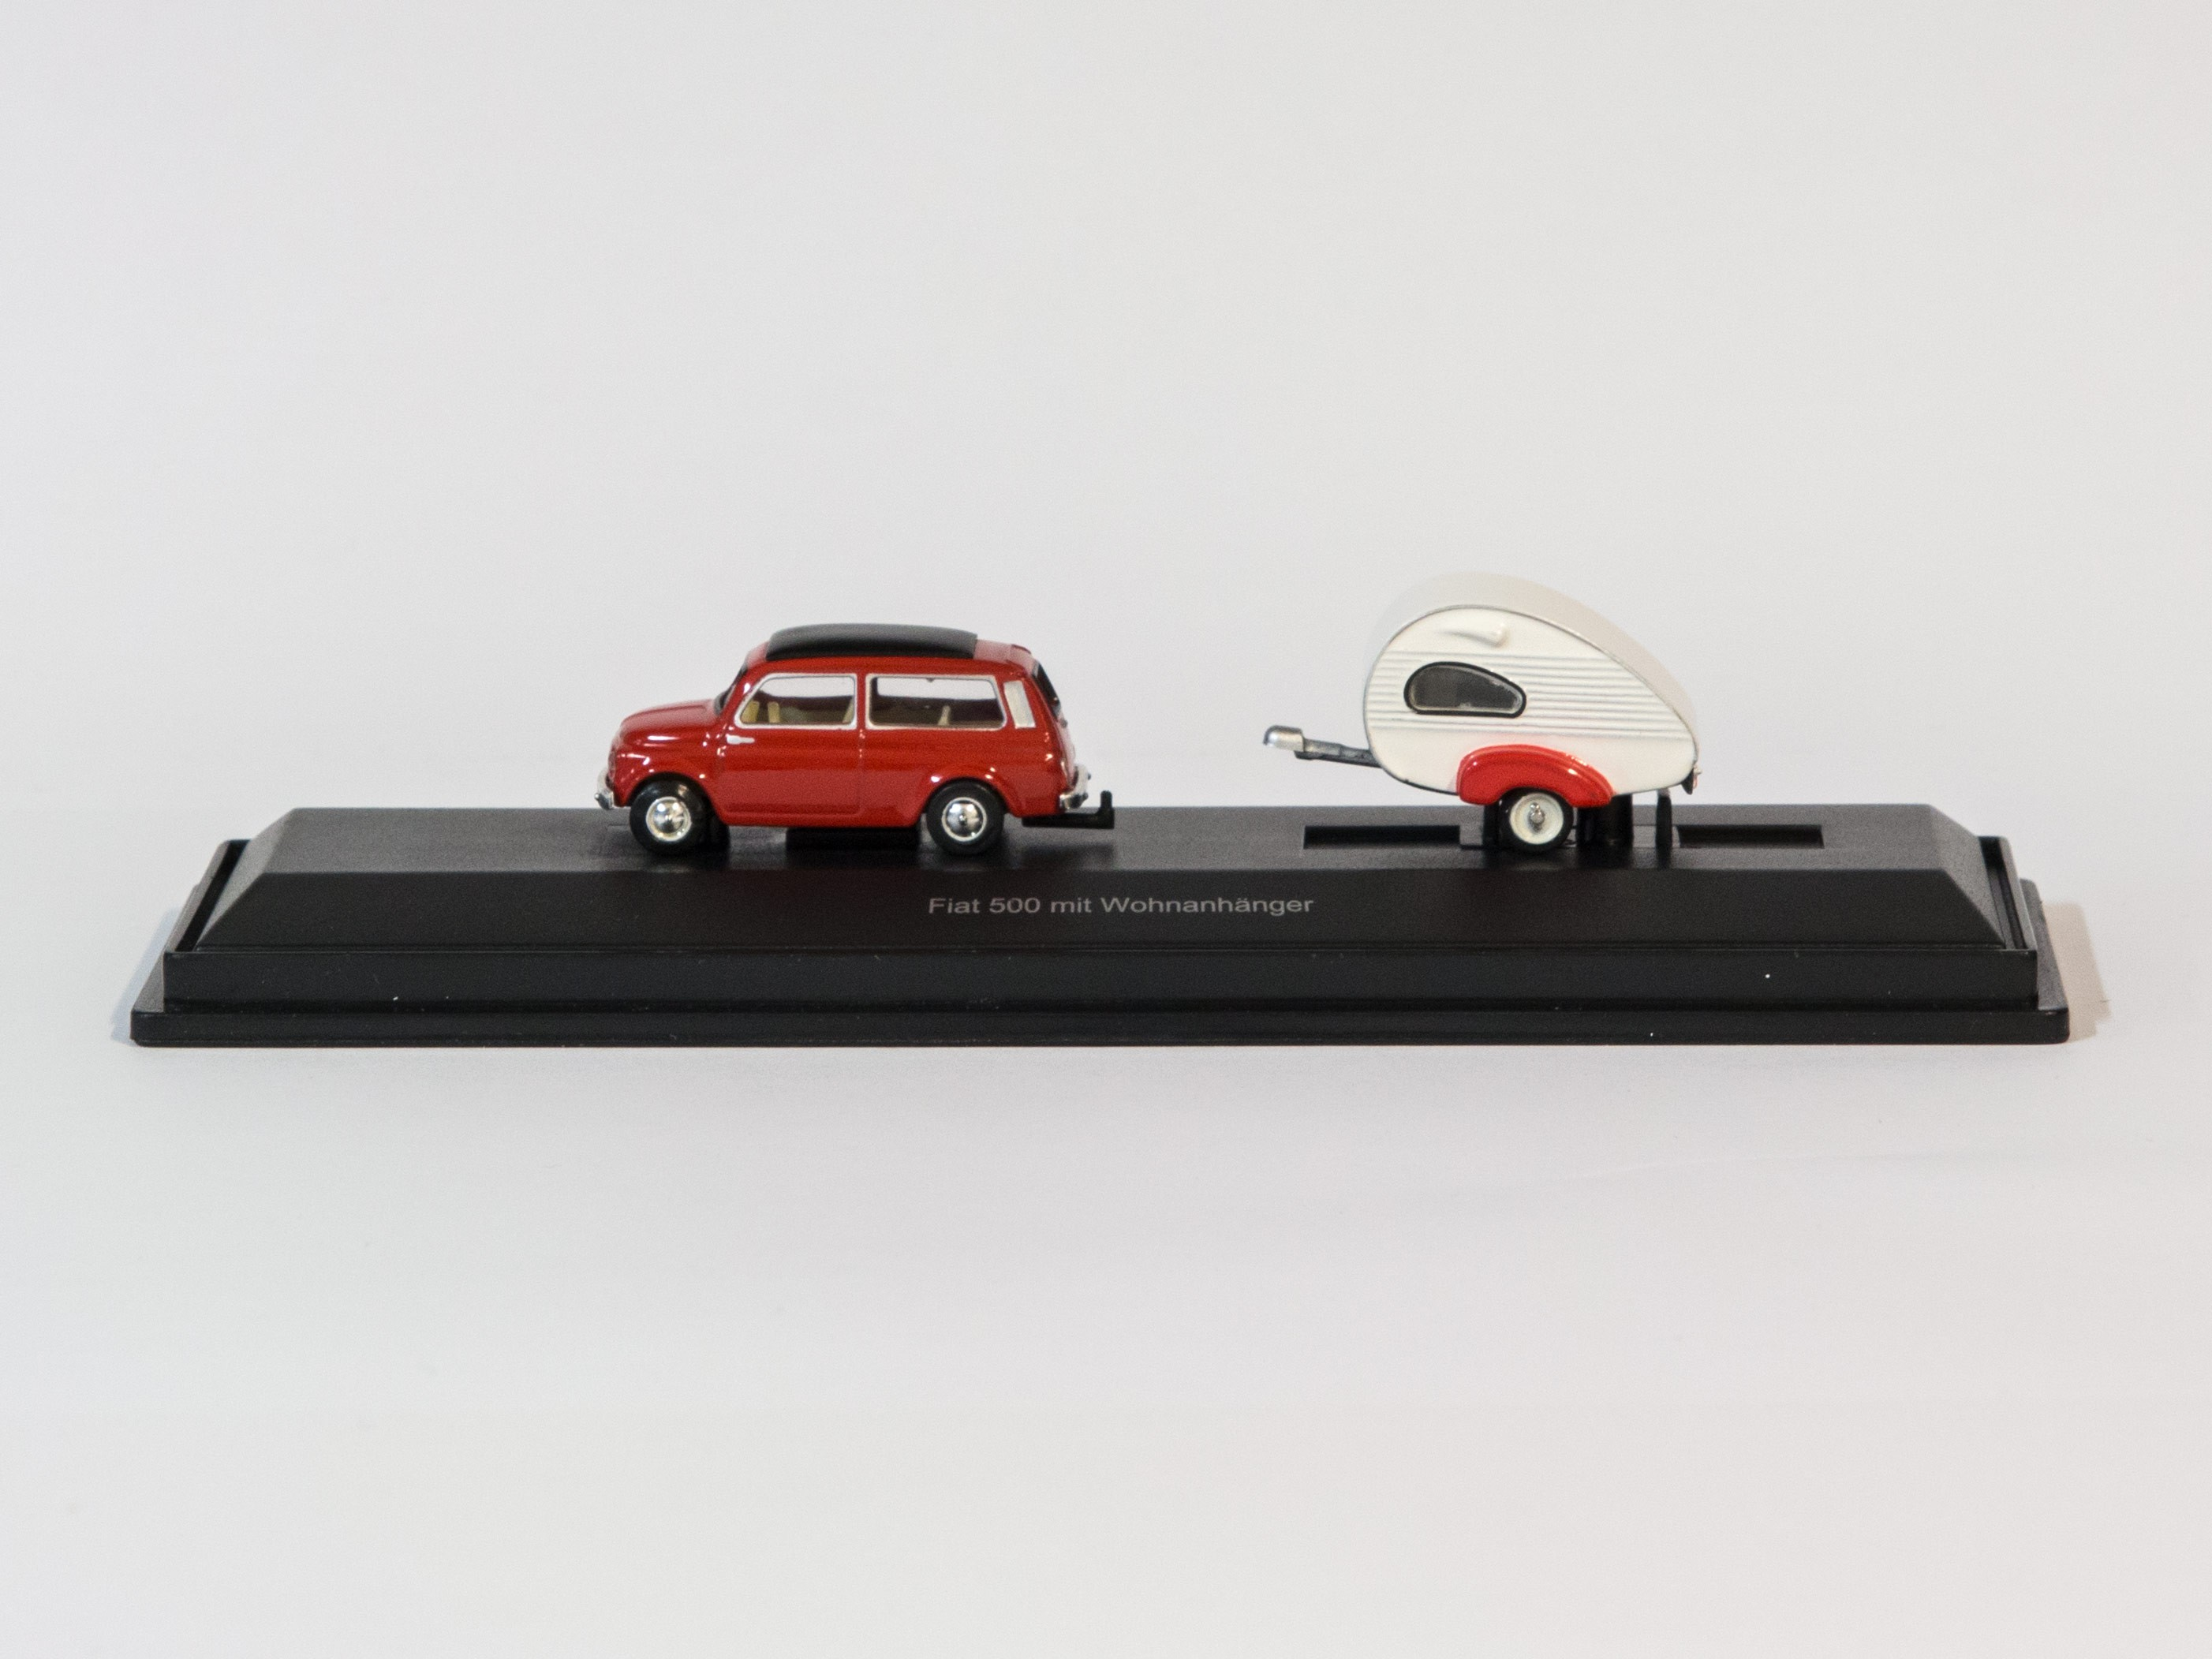 Schuco 26106 H0 Fiat 500 mit Wohnanhänger